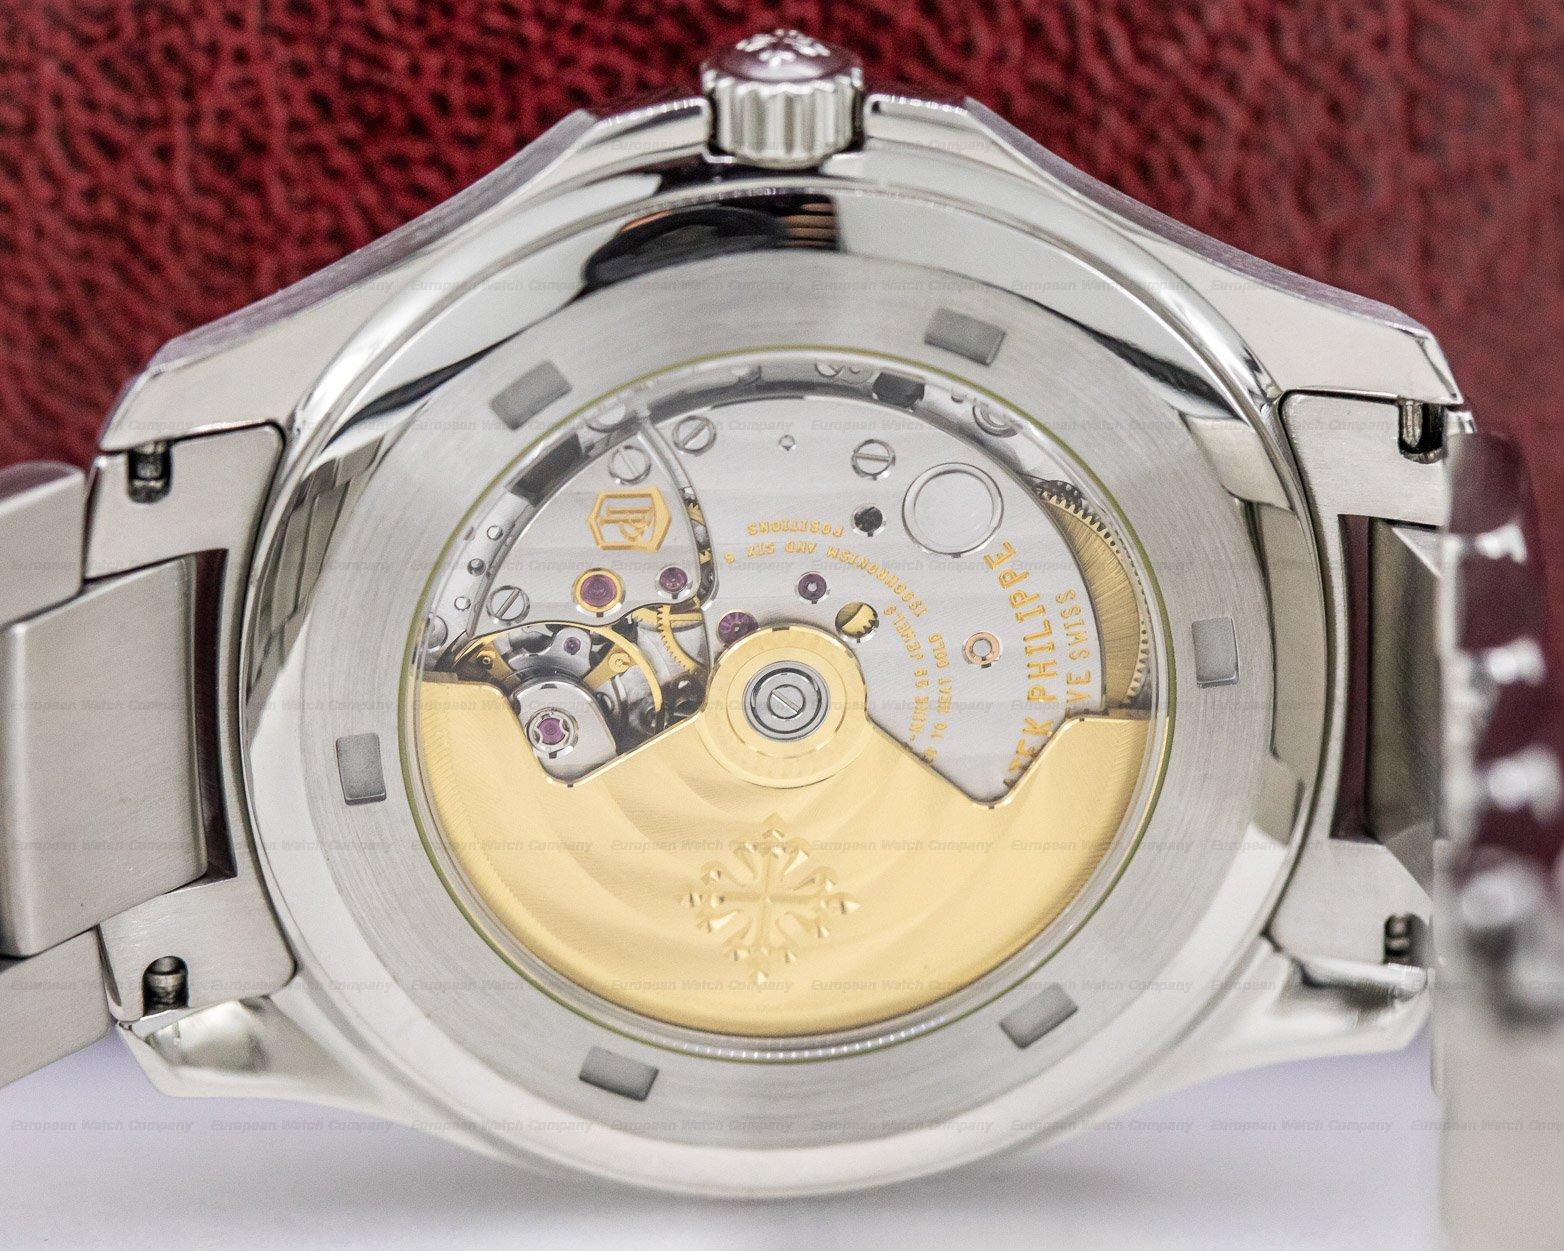 Patek Philippe 5167/1A-001 Aquanaut SS / Bracelet